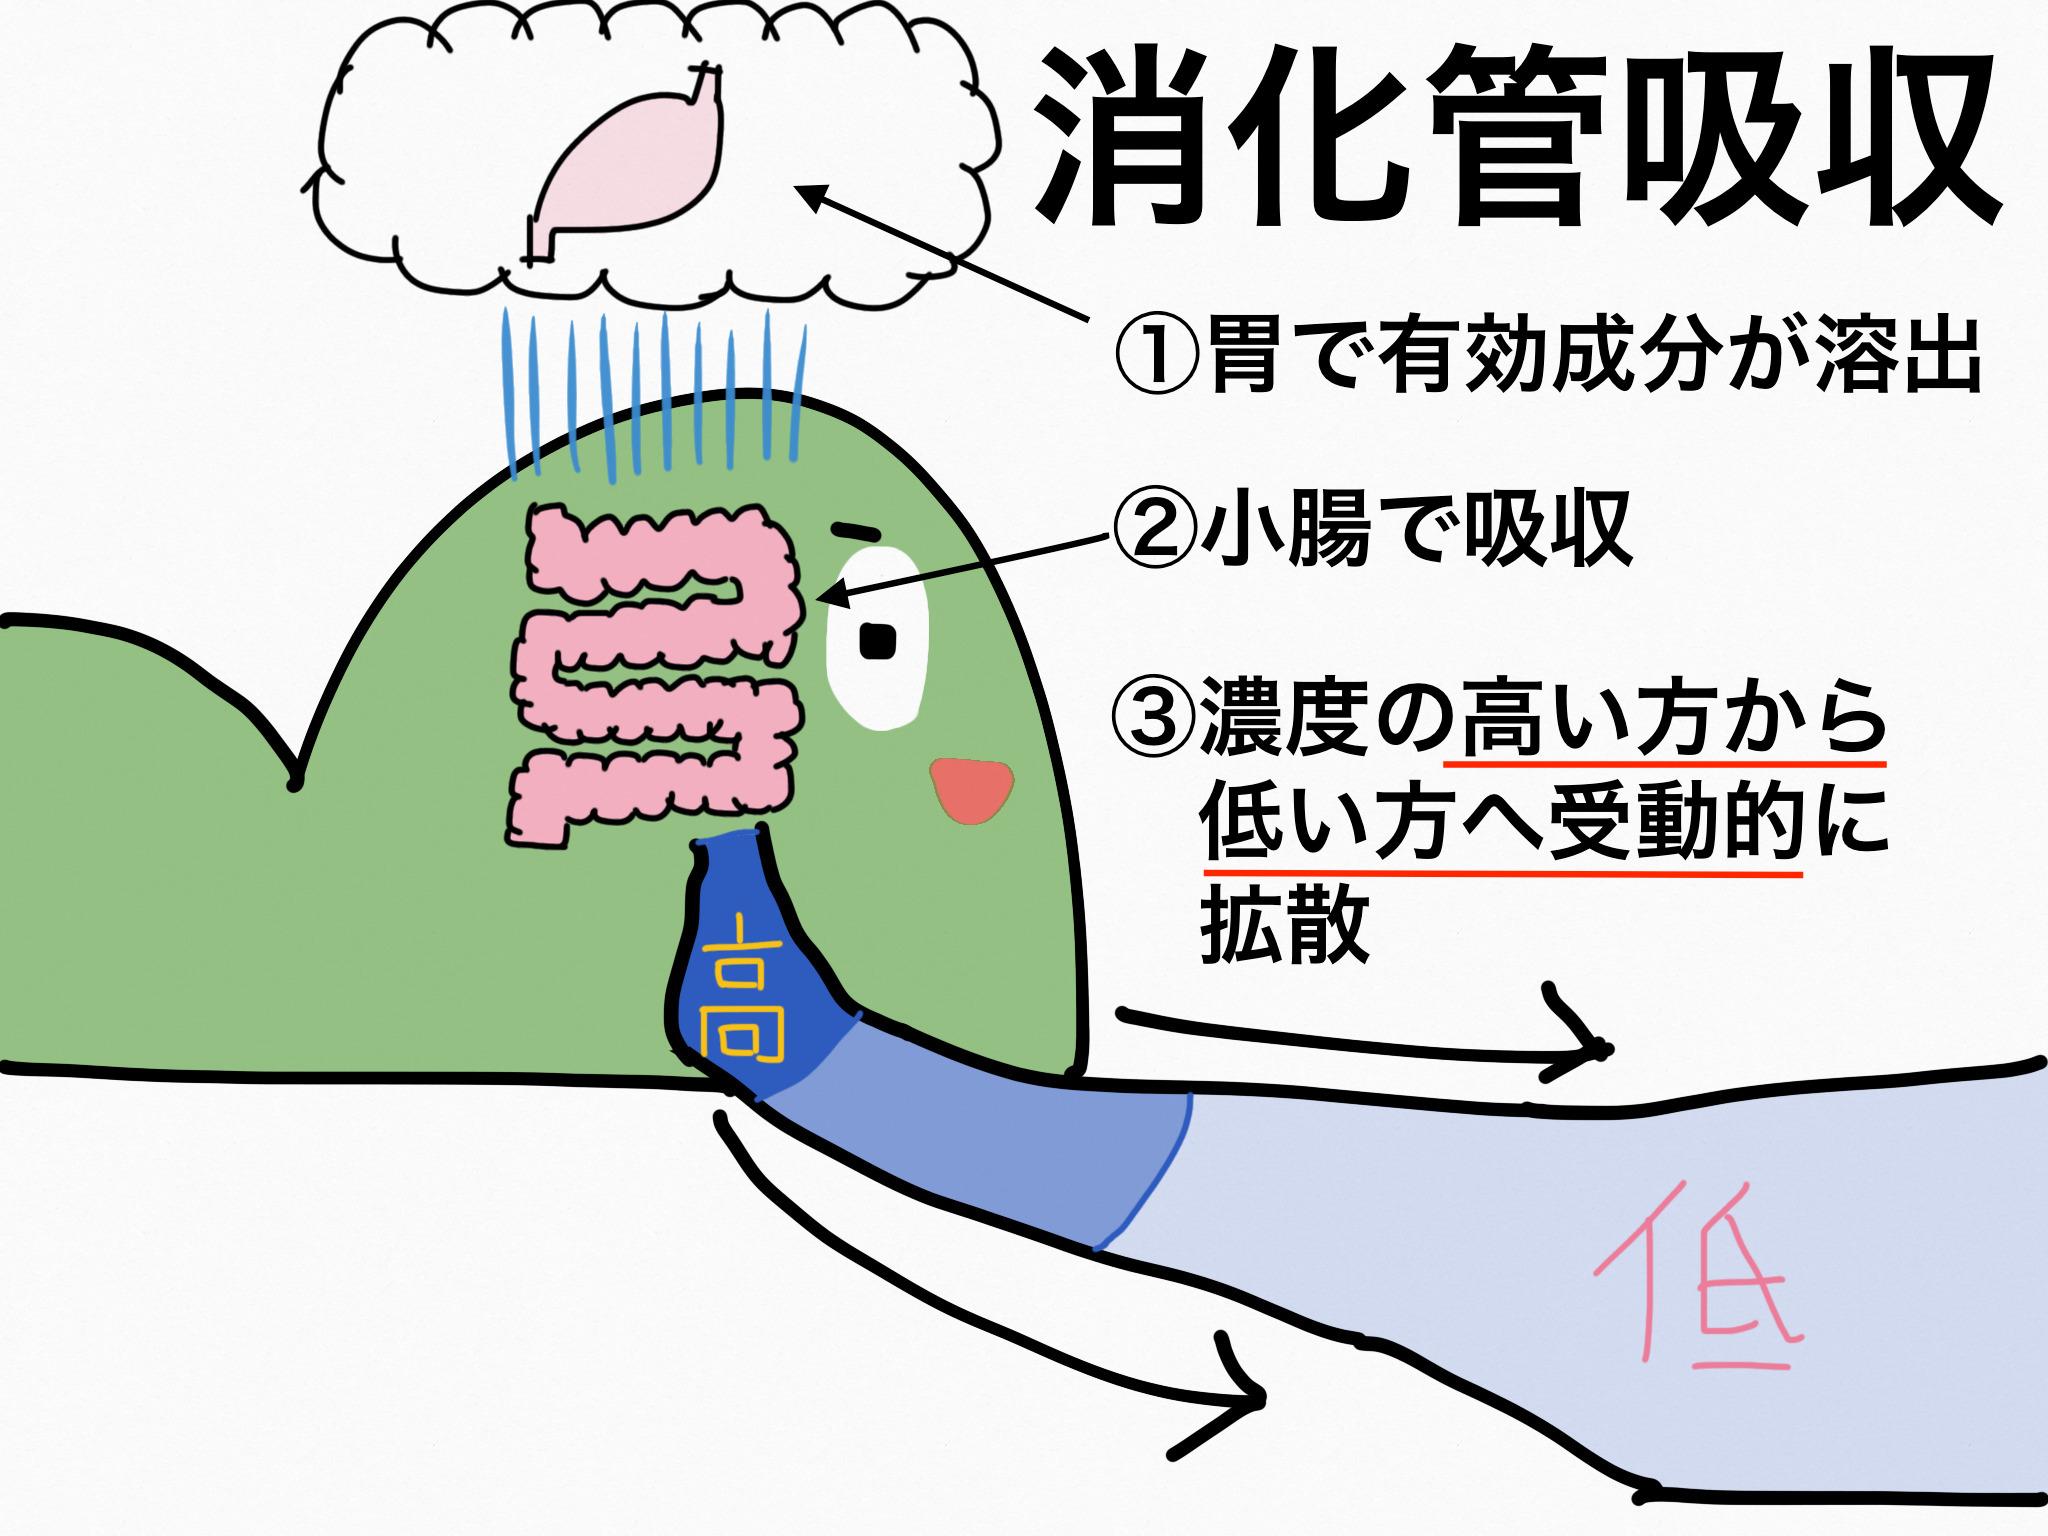 消化管吸収【第2章の覚え方】